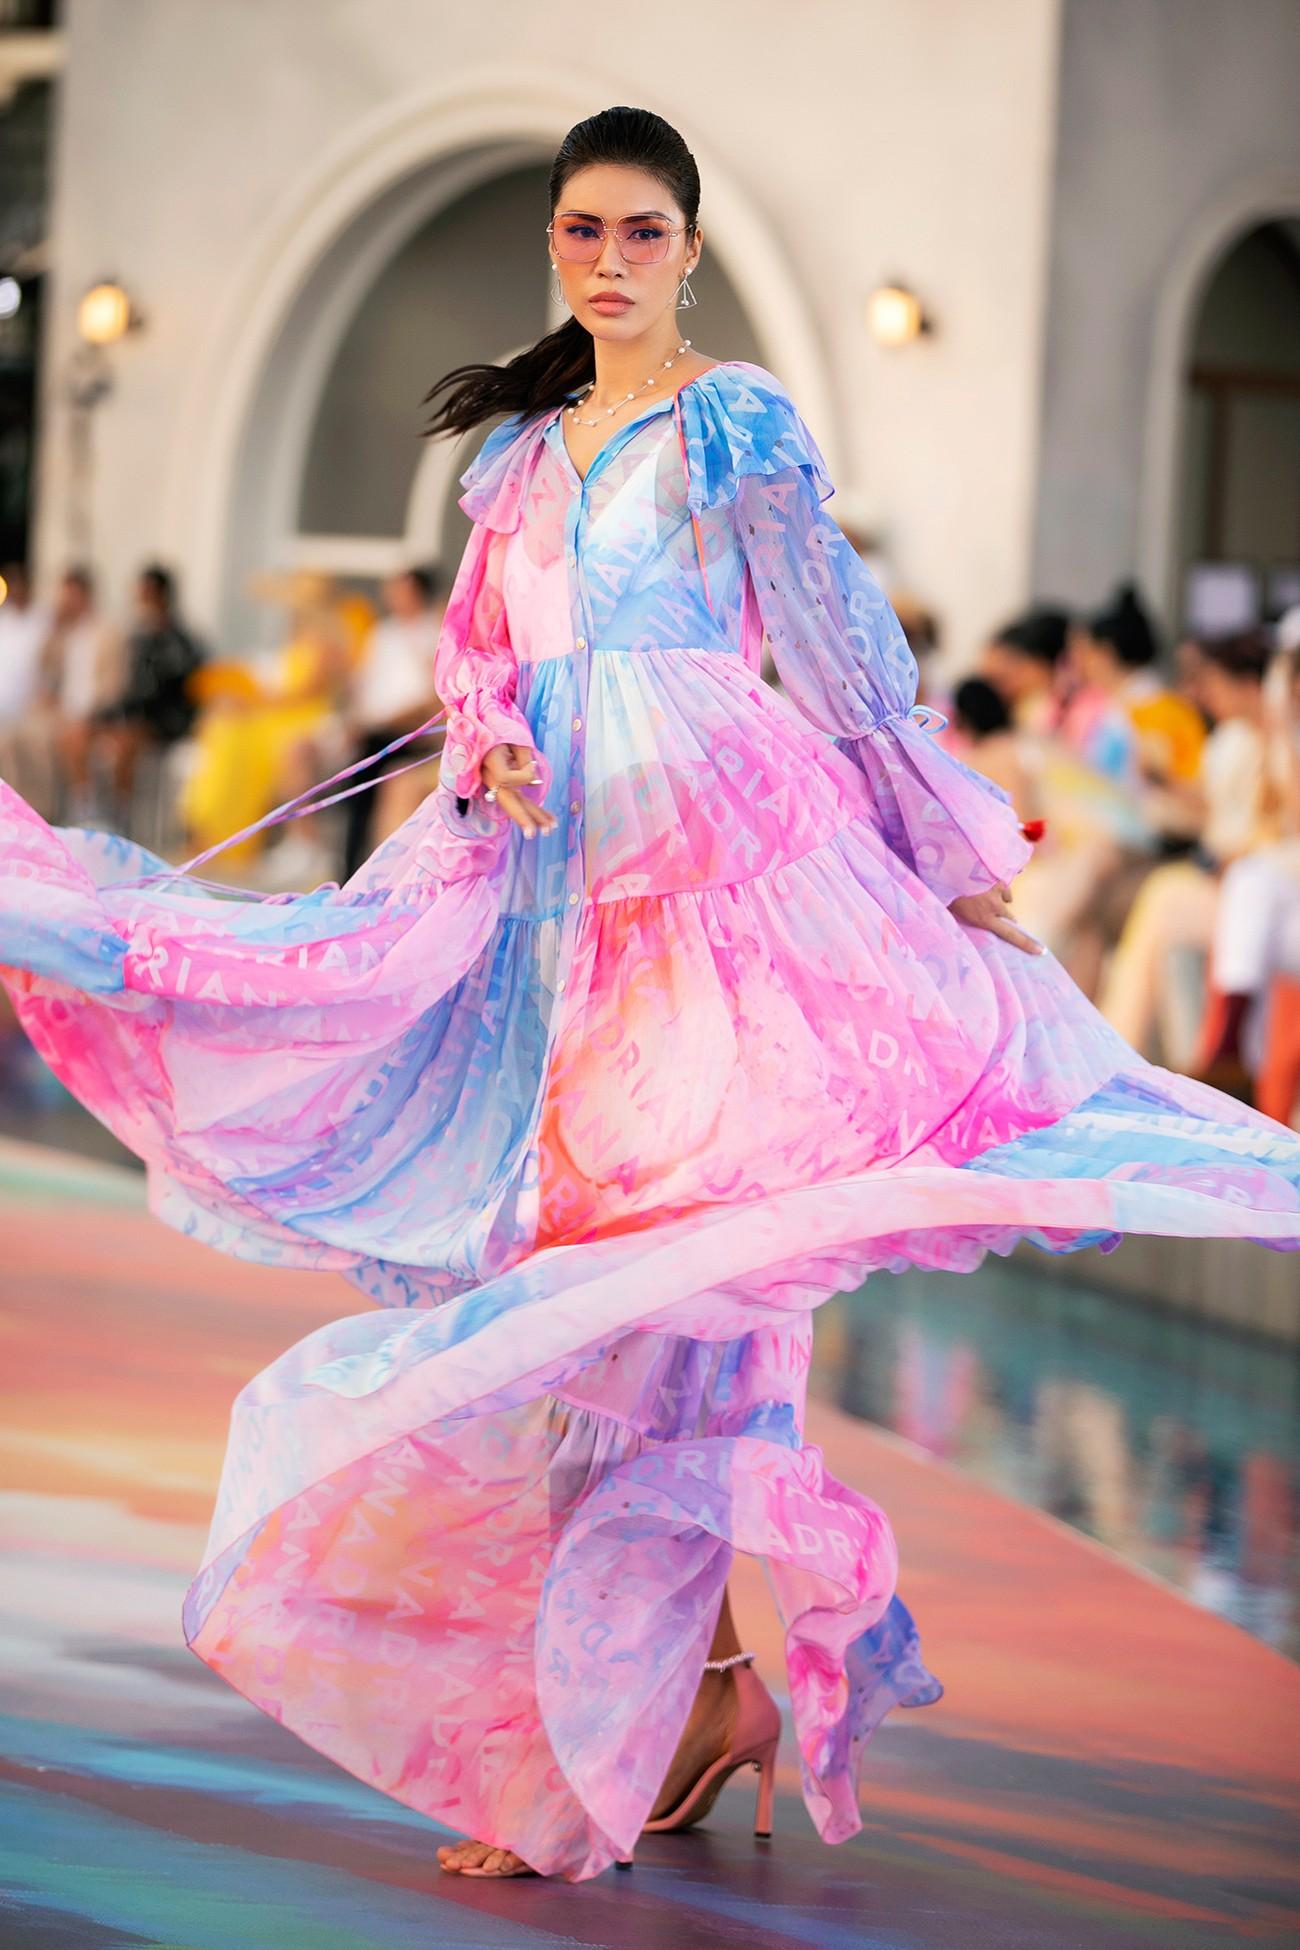 Đỗ Thị Hà diện váy cắt xẻ quyến rũ, đẹp tựa 'nàng thơ' khi catwalk ảnh 10